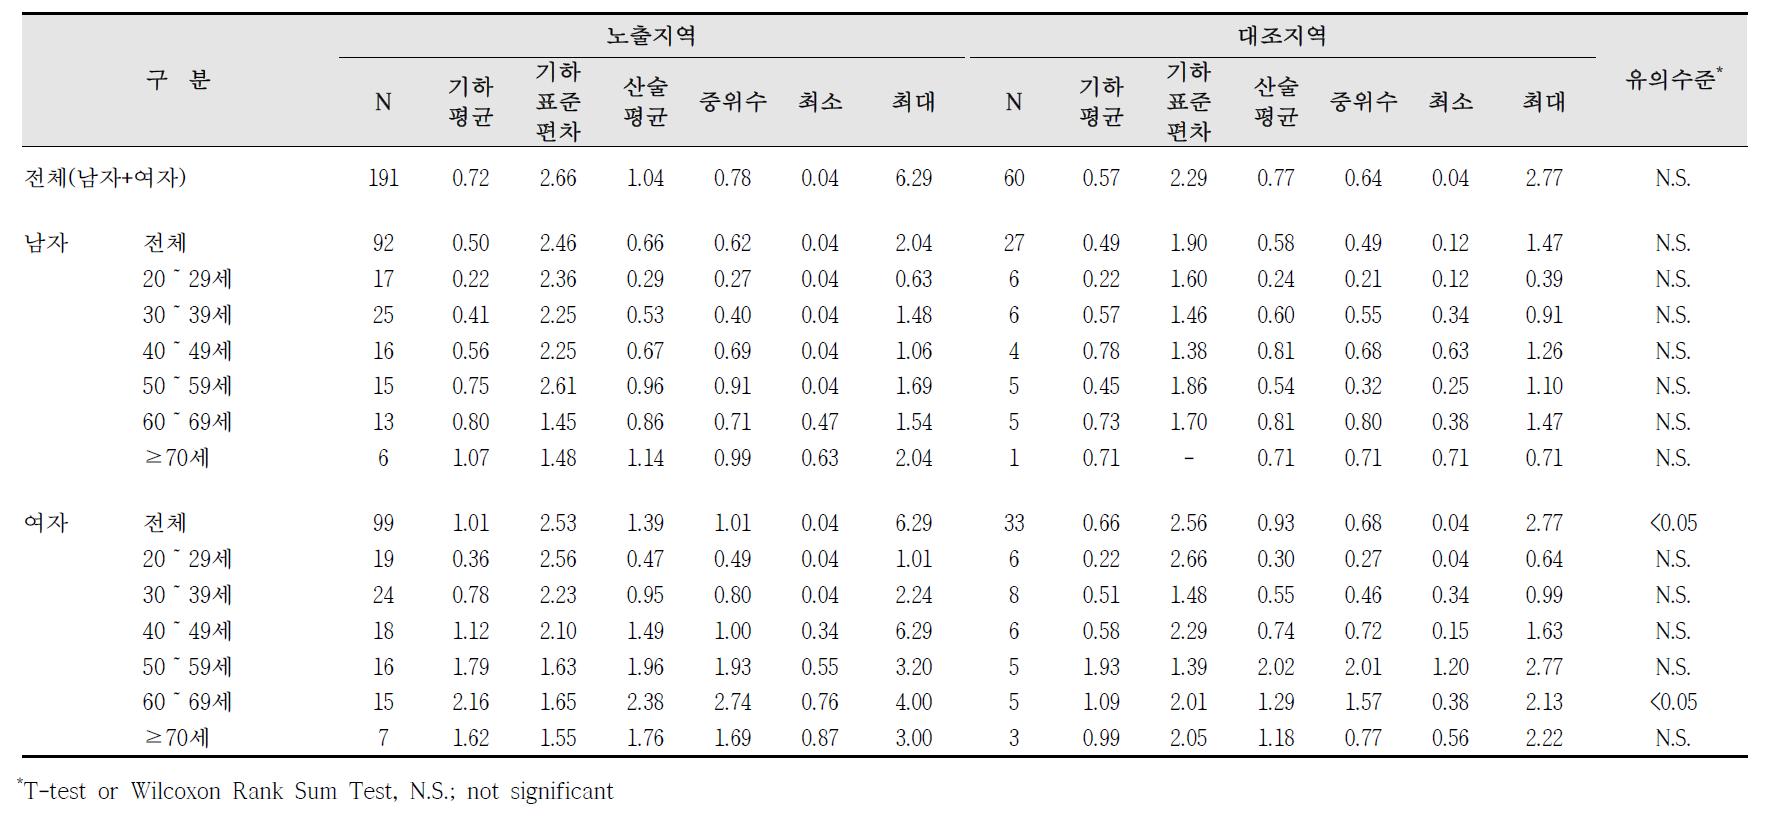 청주산업단지 요중 카드뮴 농도 비교